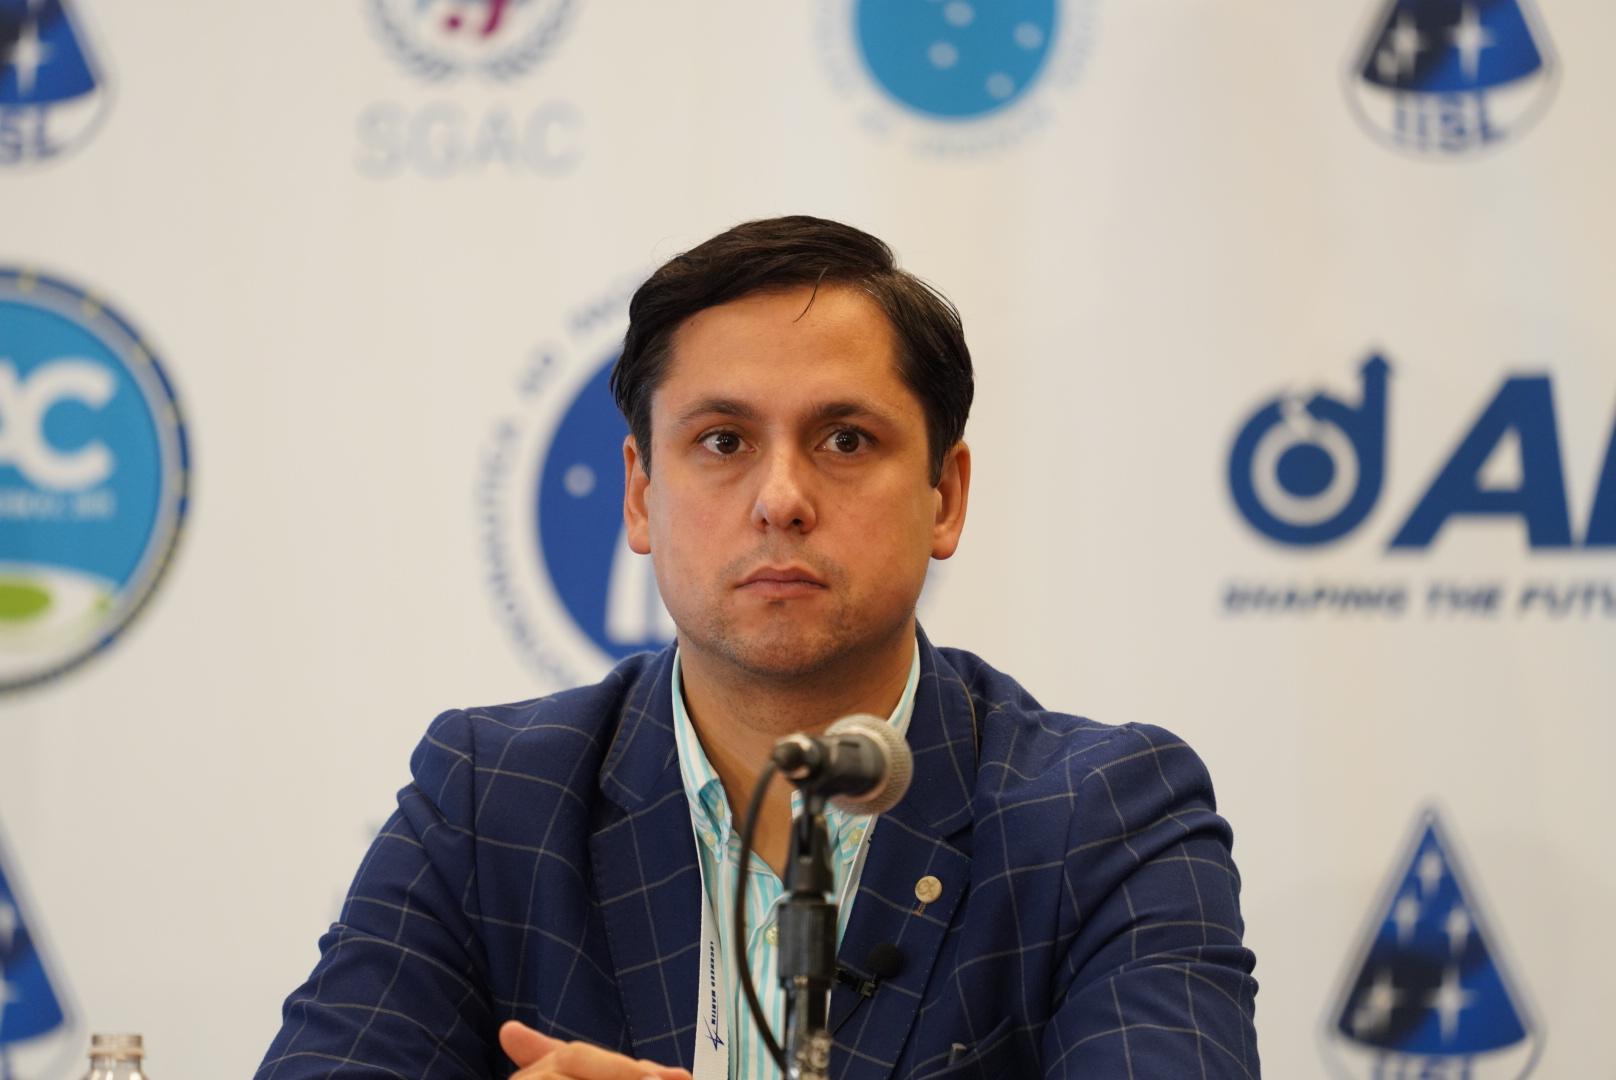 Spacebit CEO Pavlo Tanasyuk